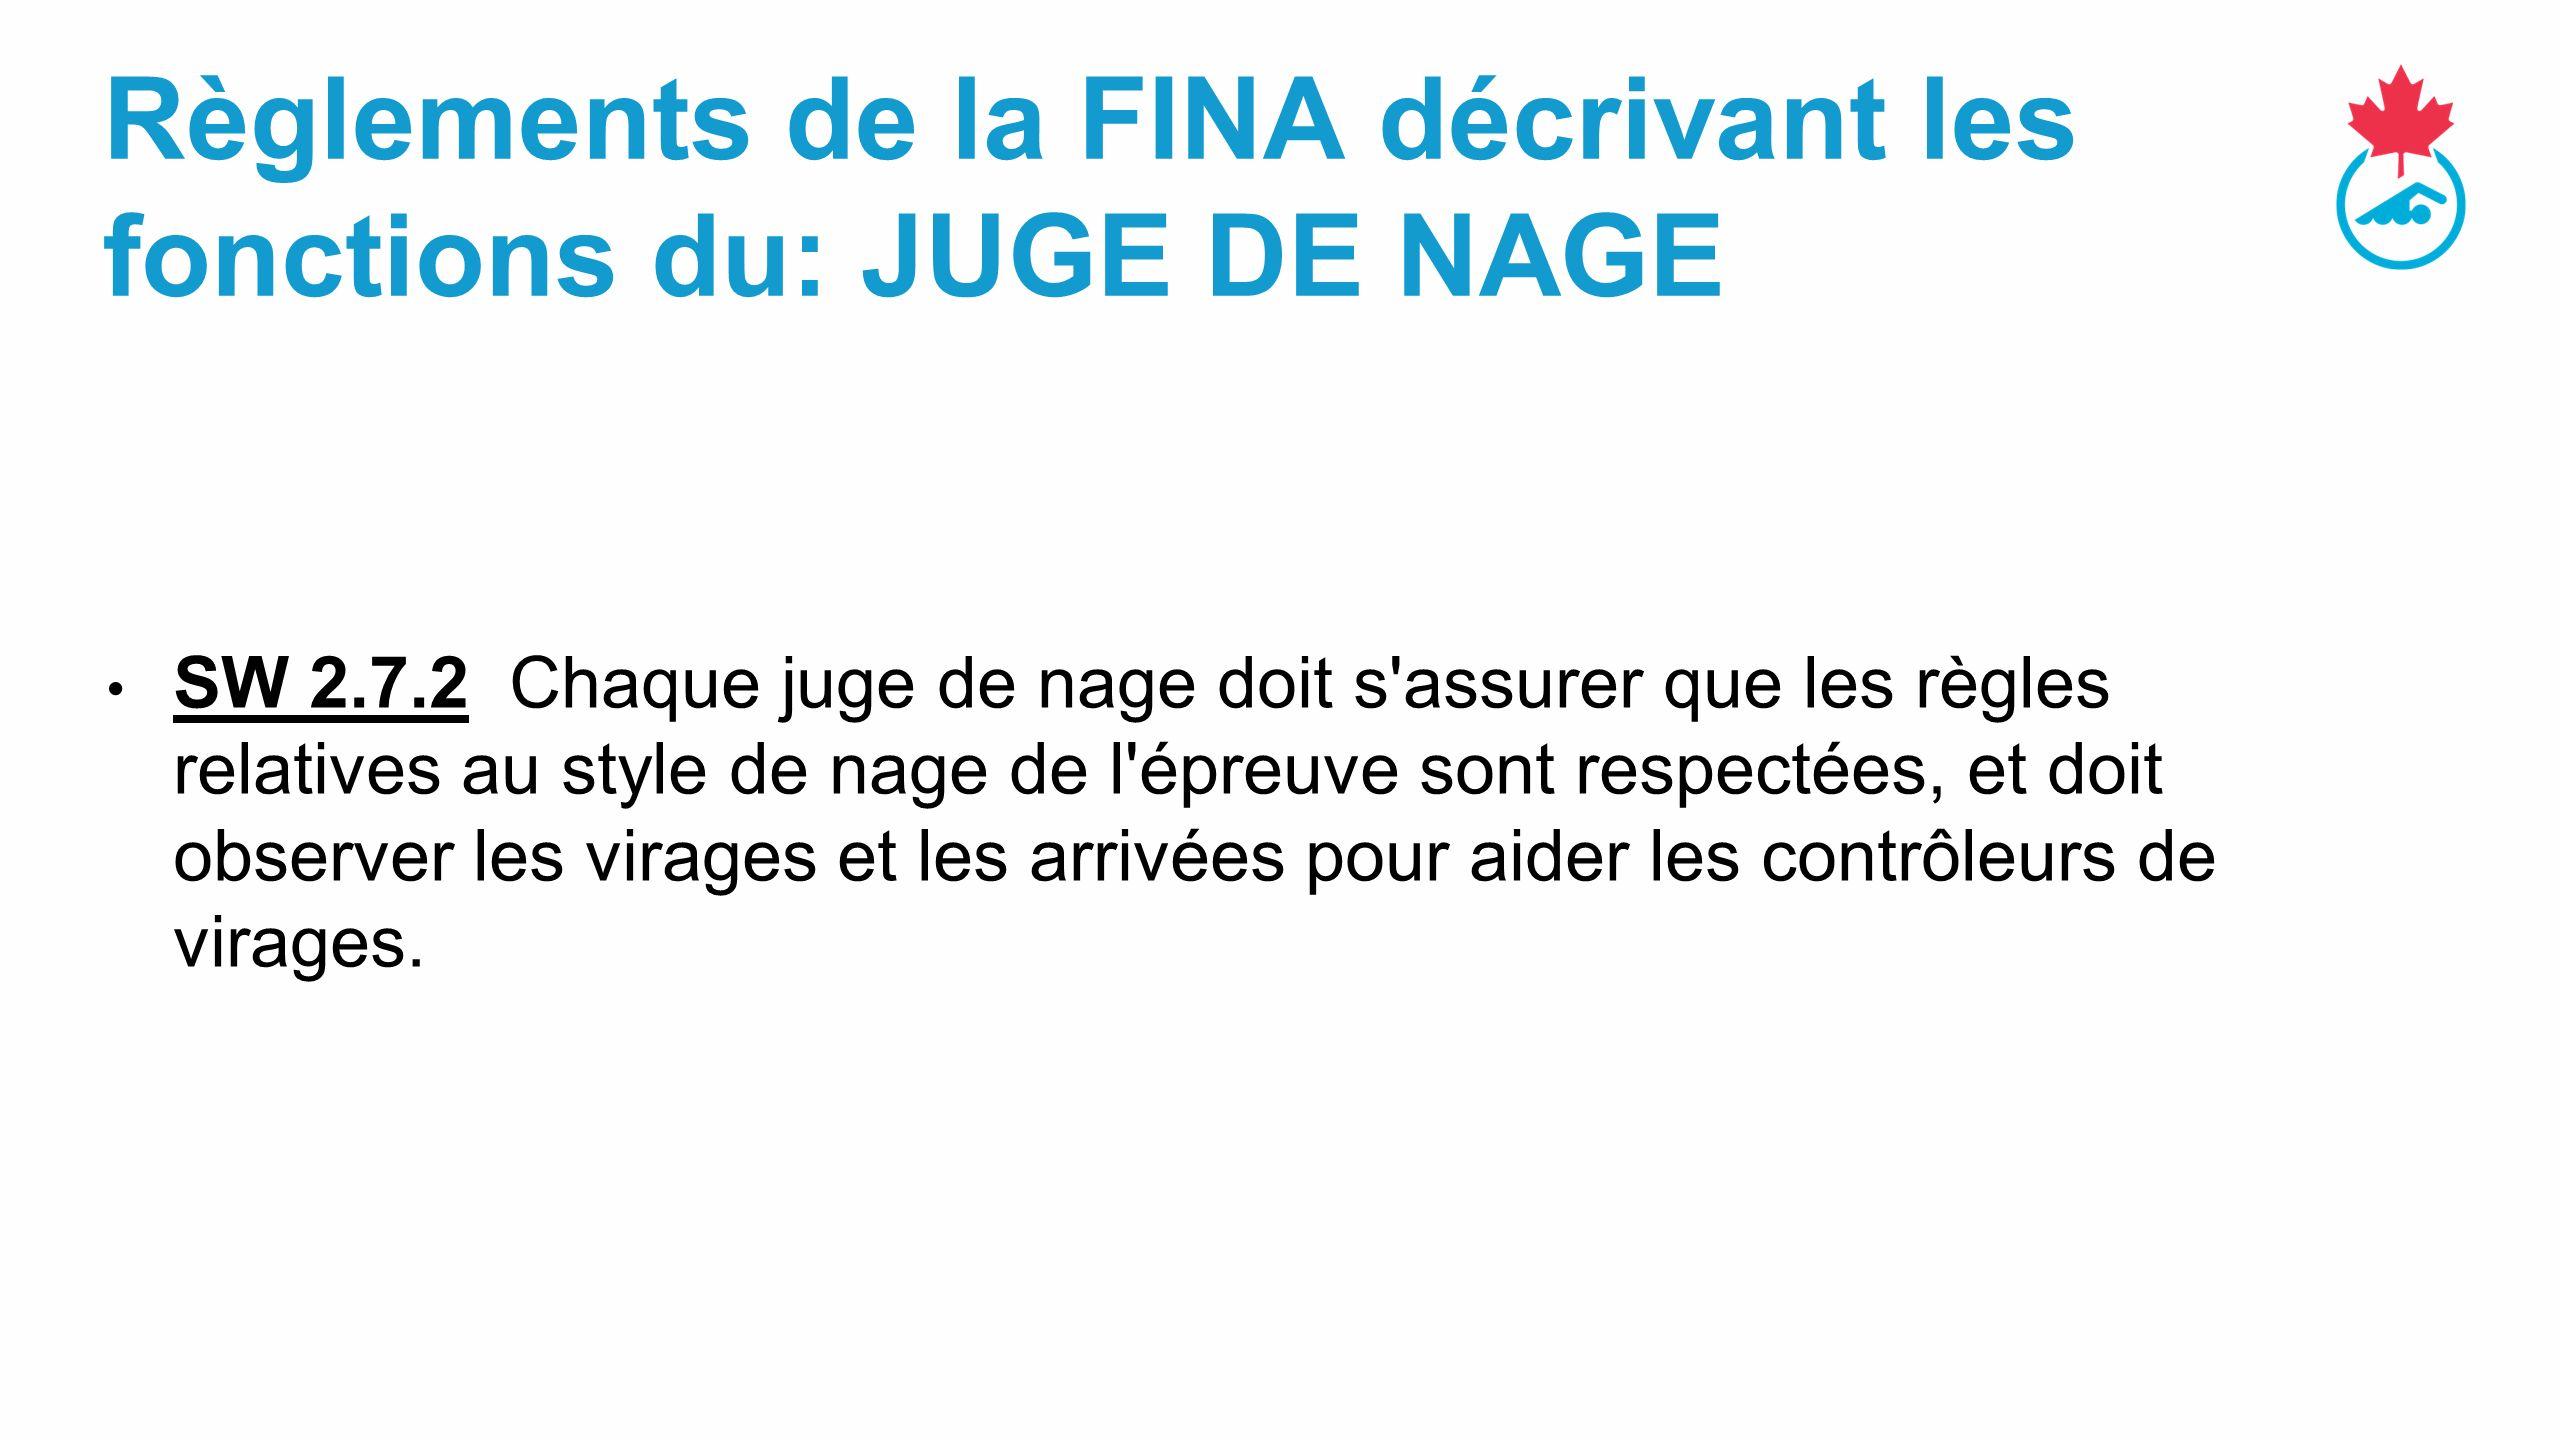 Règlements de la FINA décrivant les fonctions du: JUGE DE NAGE SW 2.7.2 Chaque juge de nage doit s assurer que les règles relatives au style de nage de l épreuve sont respectées, et doit observer les virages et les arrivées pour aider les contrôleurs de virages.